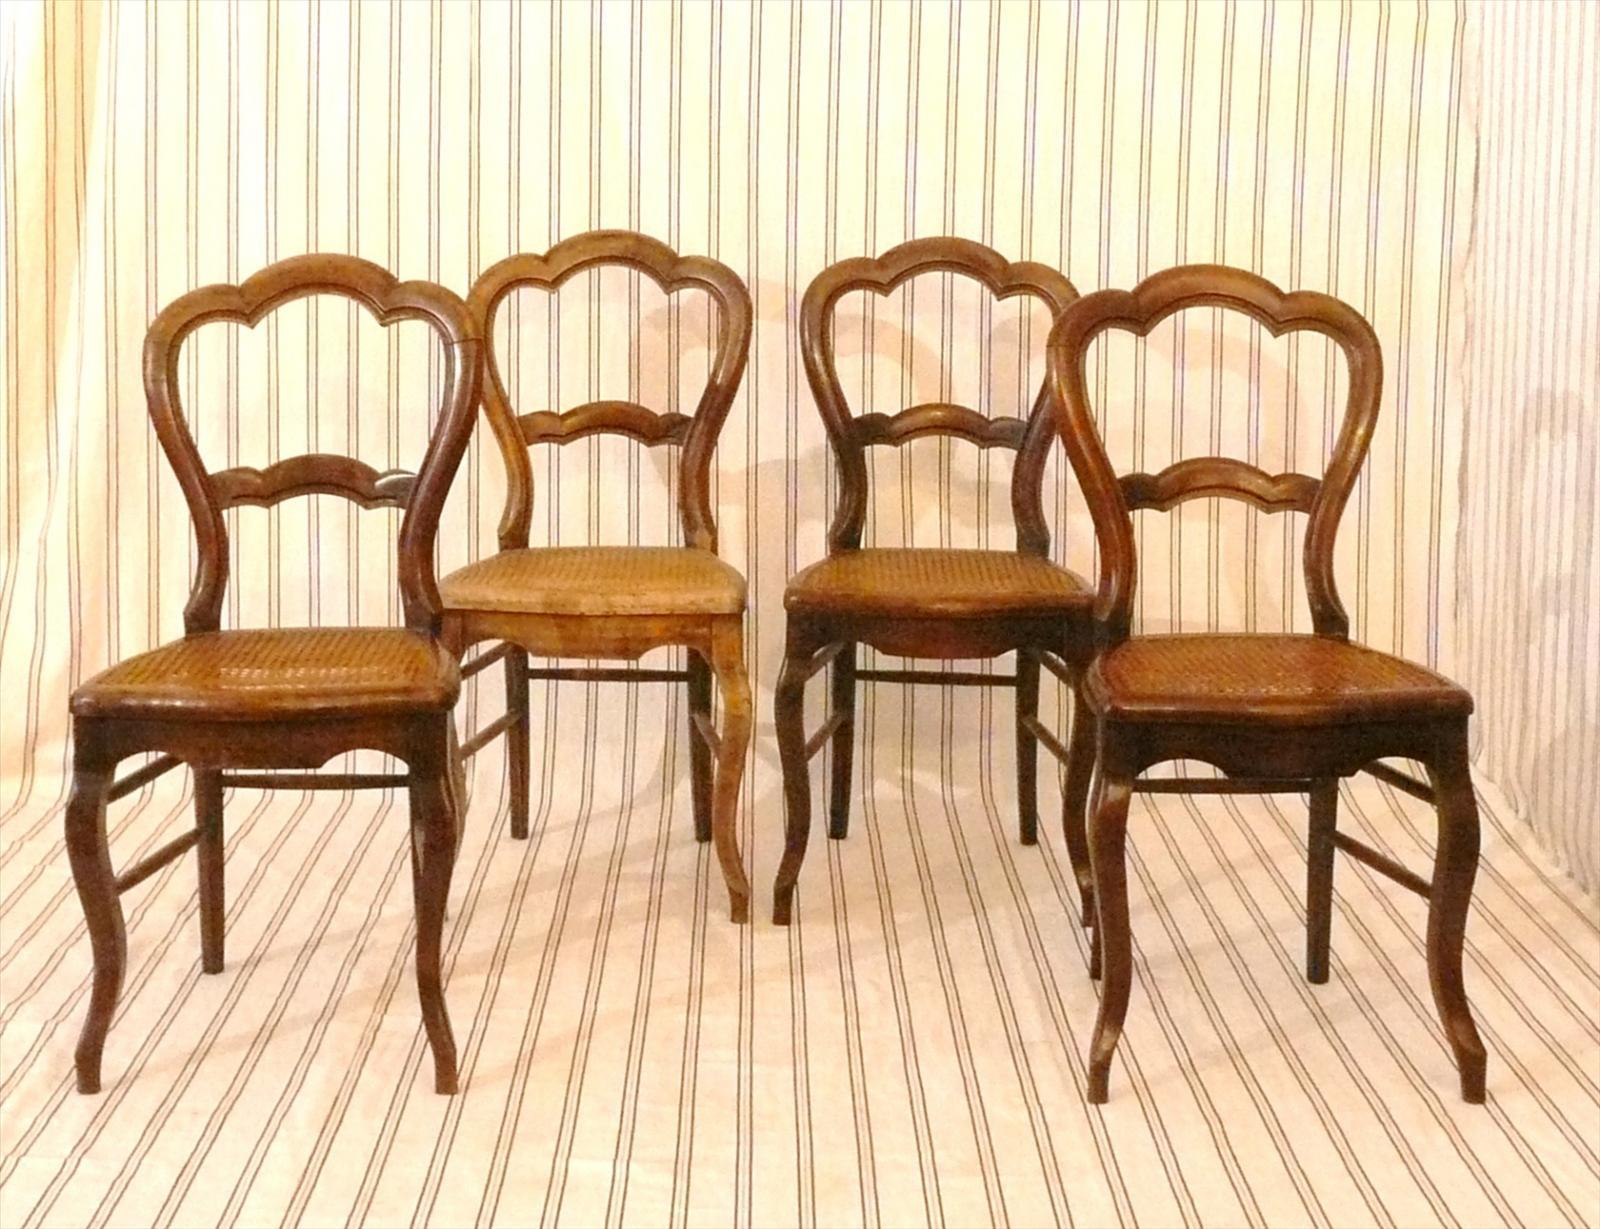 Sedie Francesi In Paglia Di Vienna : Corydon italia quattro sedie in noce e paglia di vienna arredi